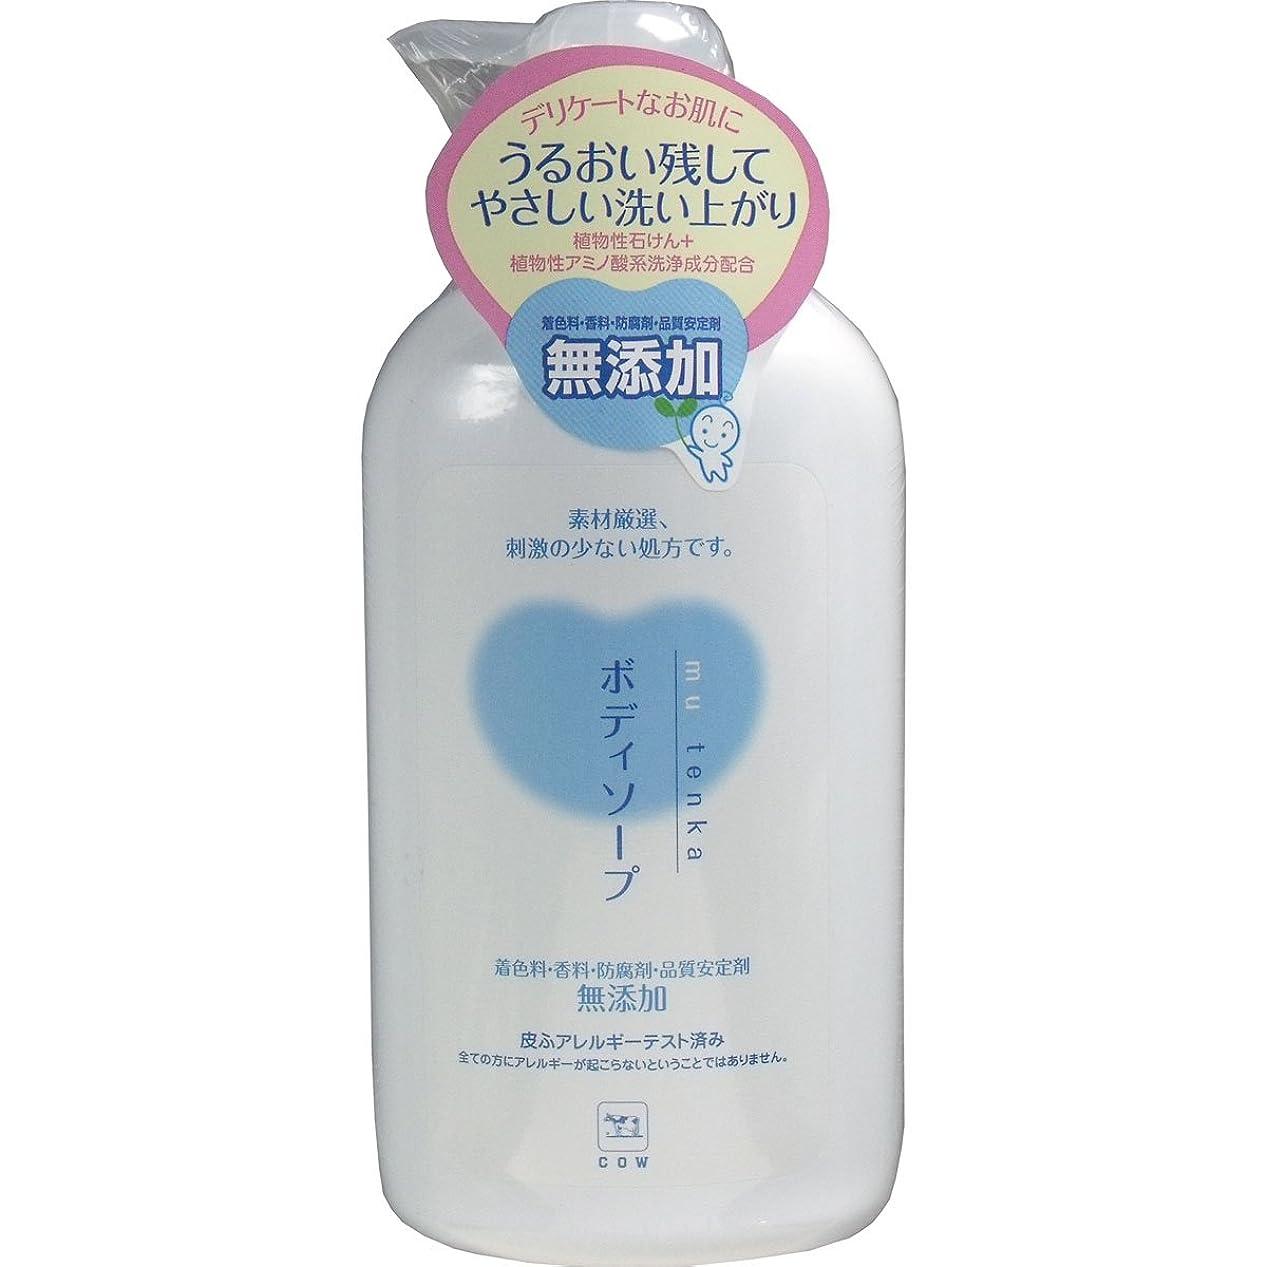 明快滑るモザイク牛乳石鹸共進社 カウブランド 無添加ボディソープ ポンプ 550ml 本体 ×12点セット (4901525929707)